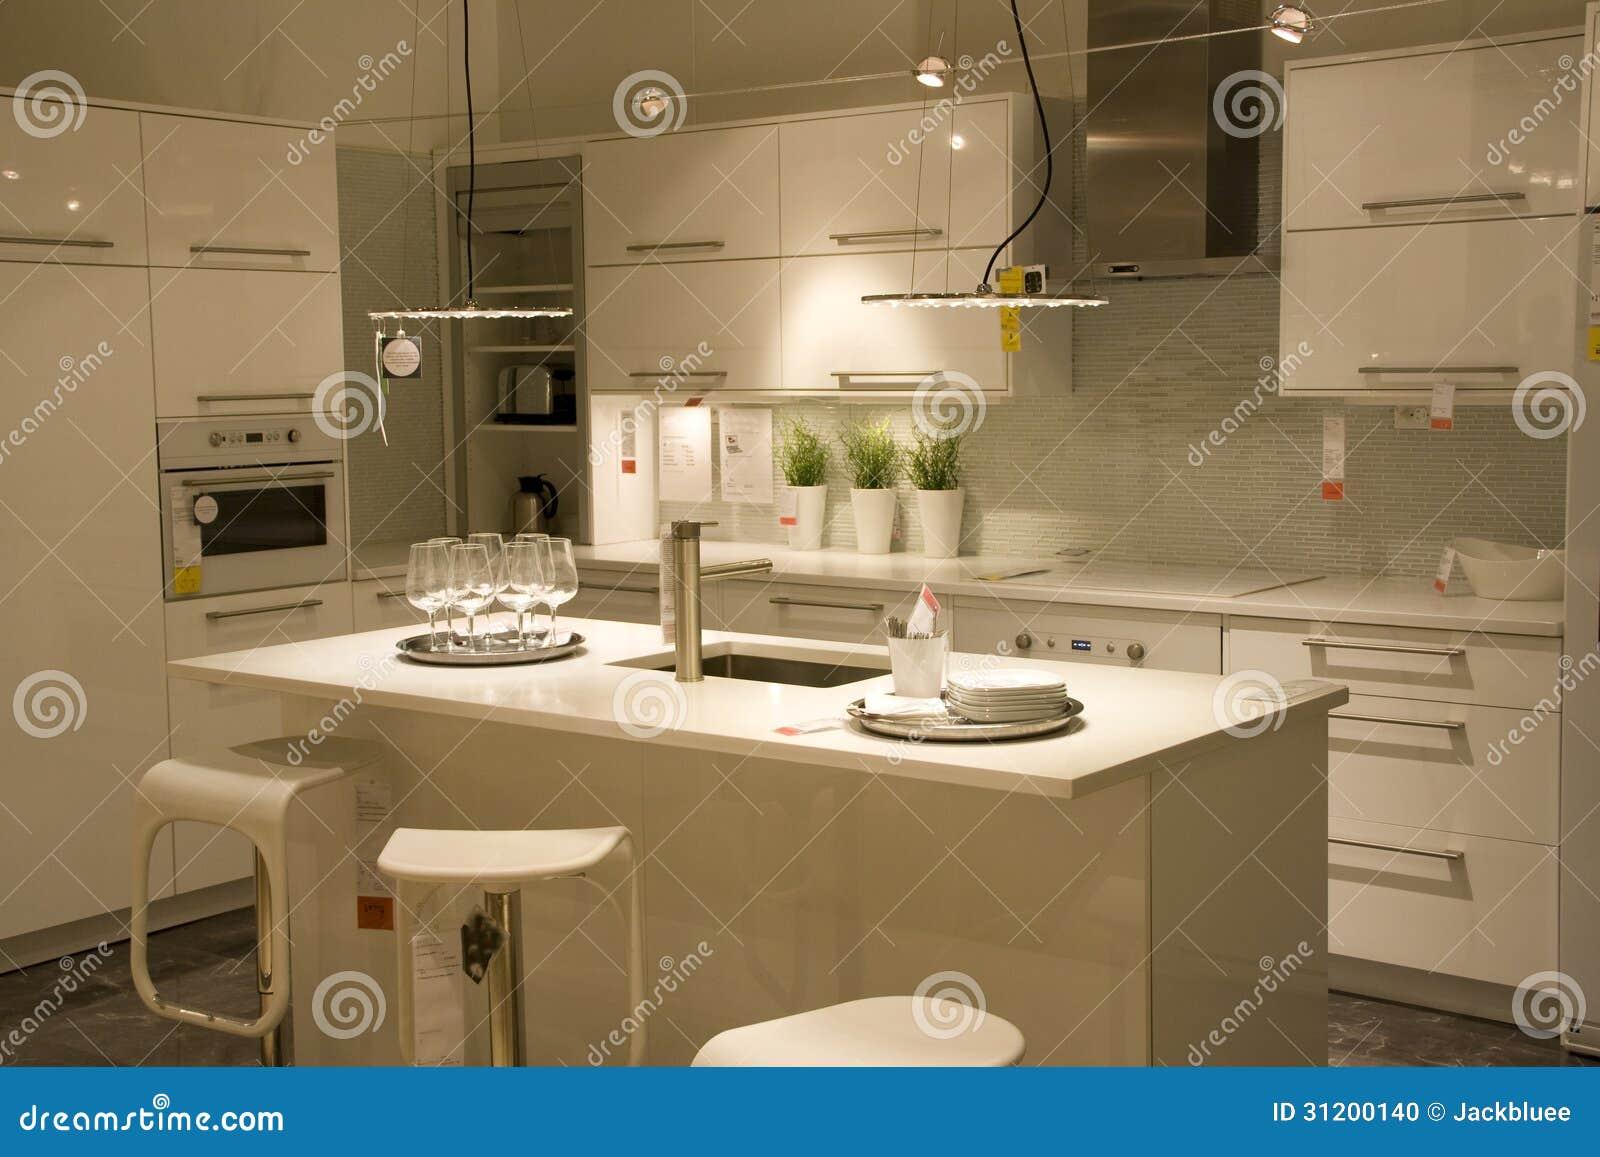 Dise o de interiores moderno de la cocina foto de archivo Decoracion de interiores cocinas